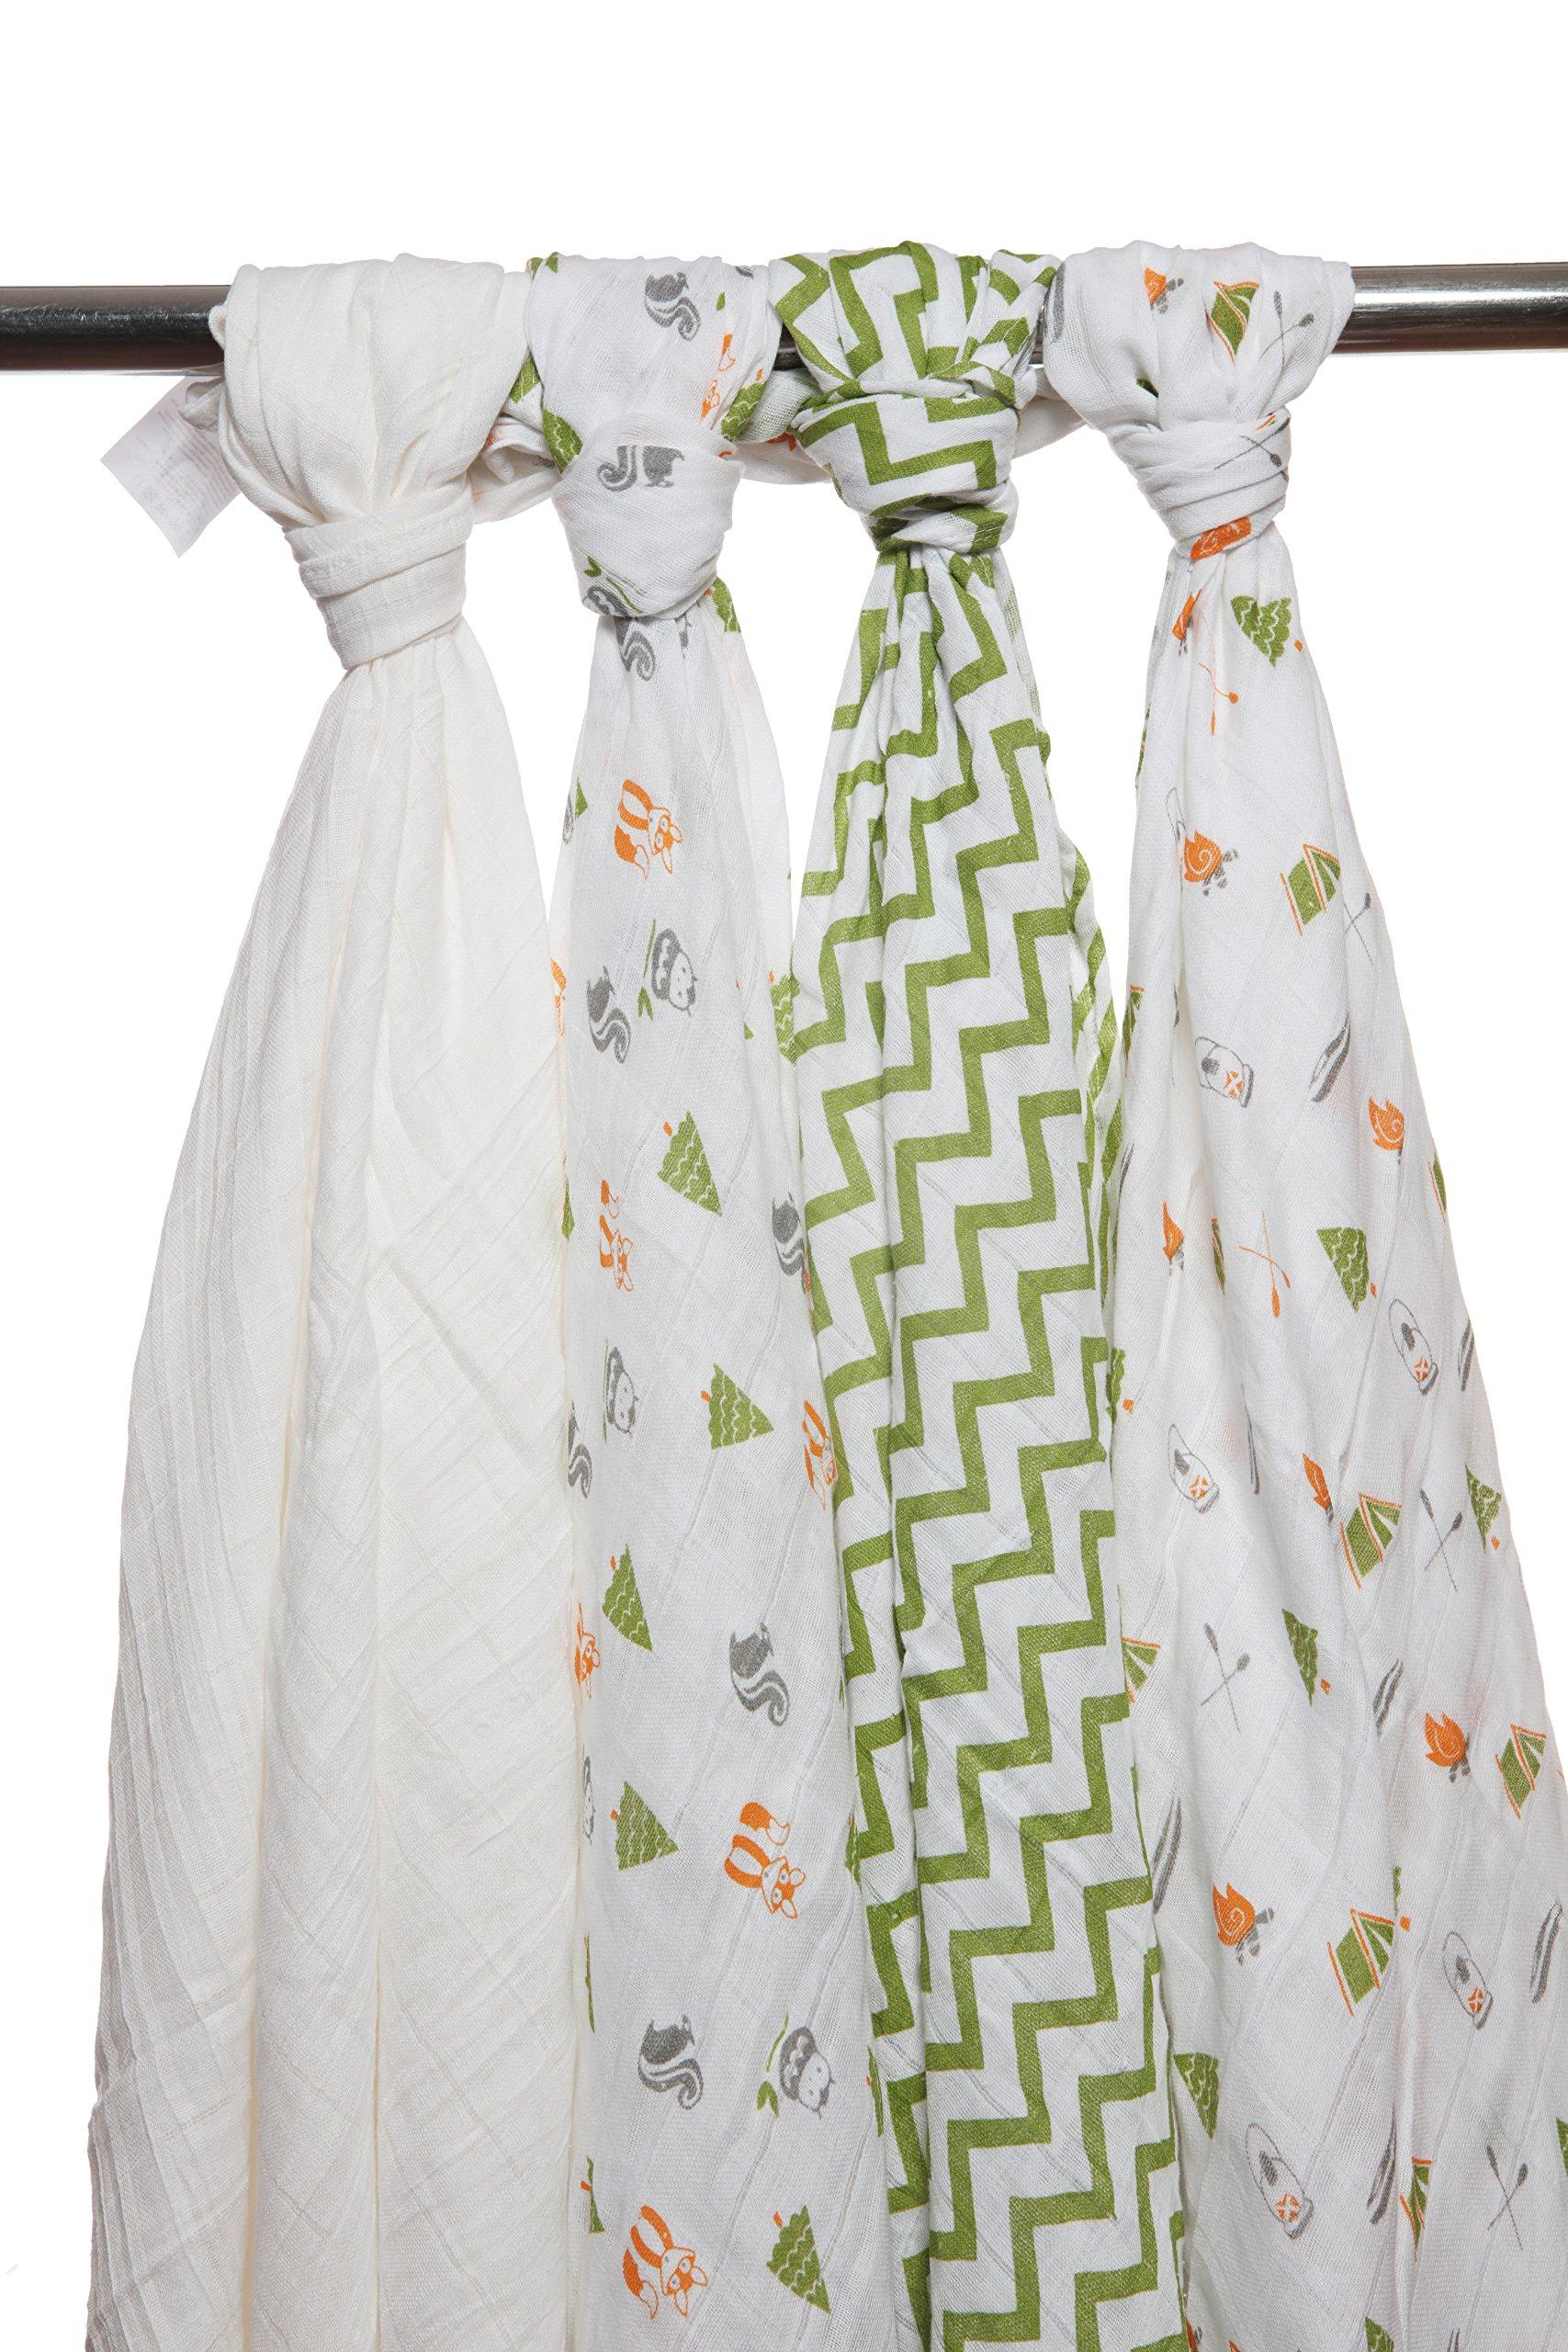 Babykin mantas de muselina de algodón orgánico, aventura de campamento, paquete de 4 piezas